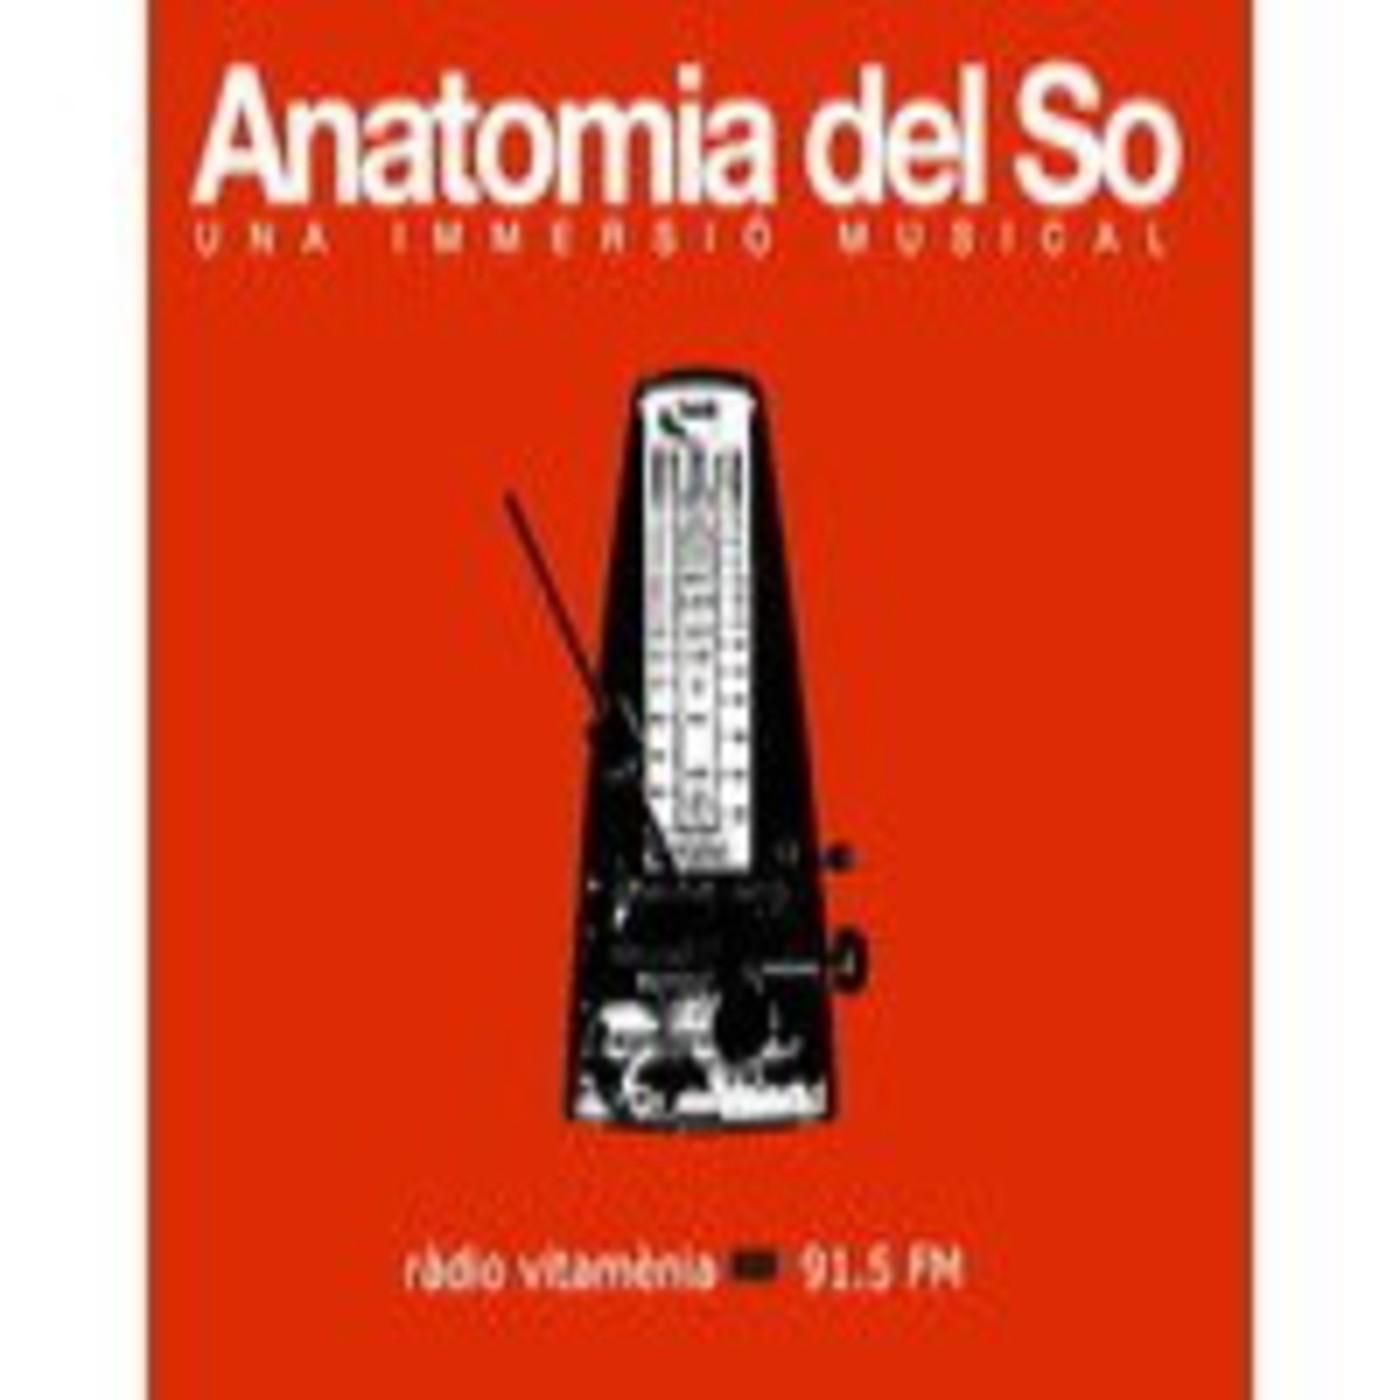 <![CDATA[Anatomia del So]]>